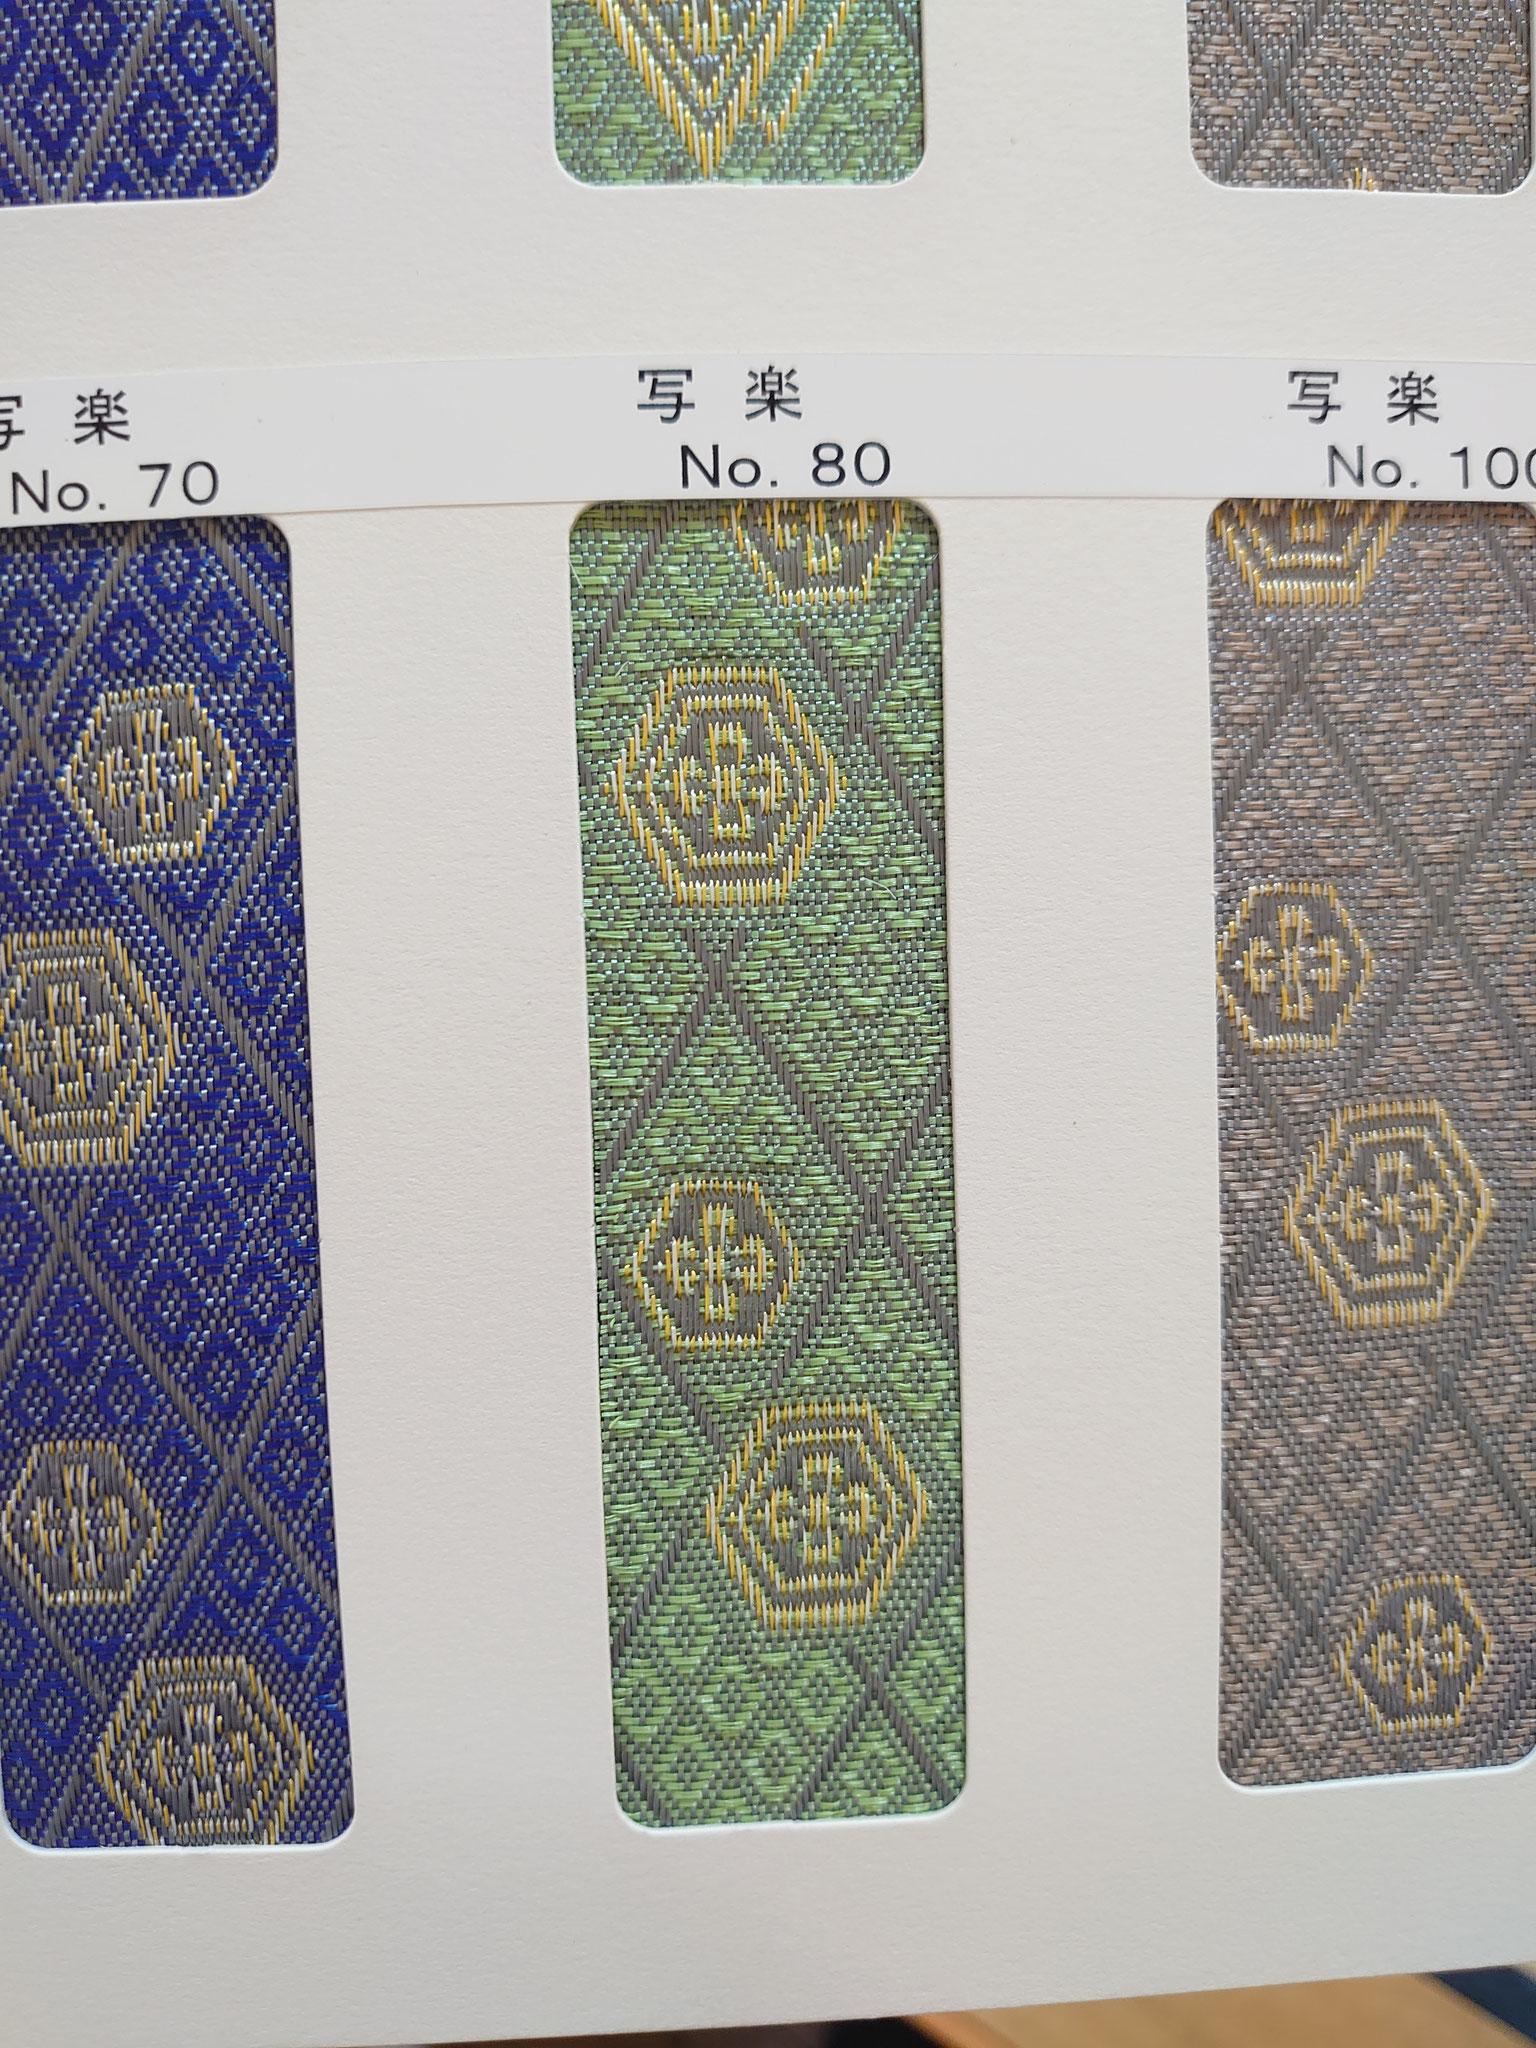 畳の縁の柄や色は種類が豊富です。